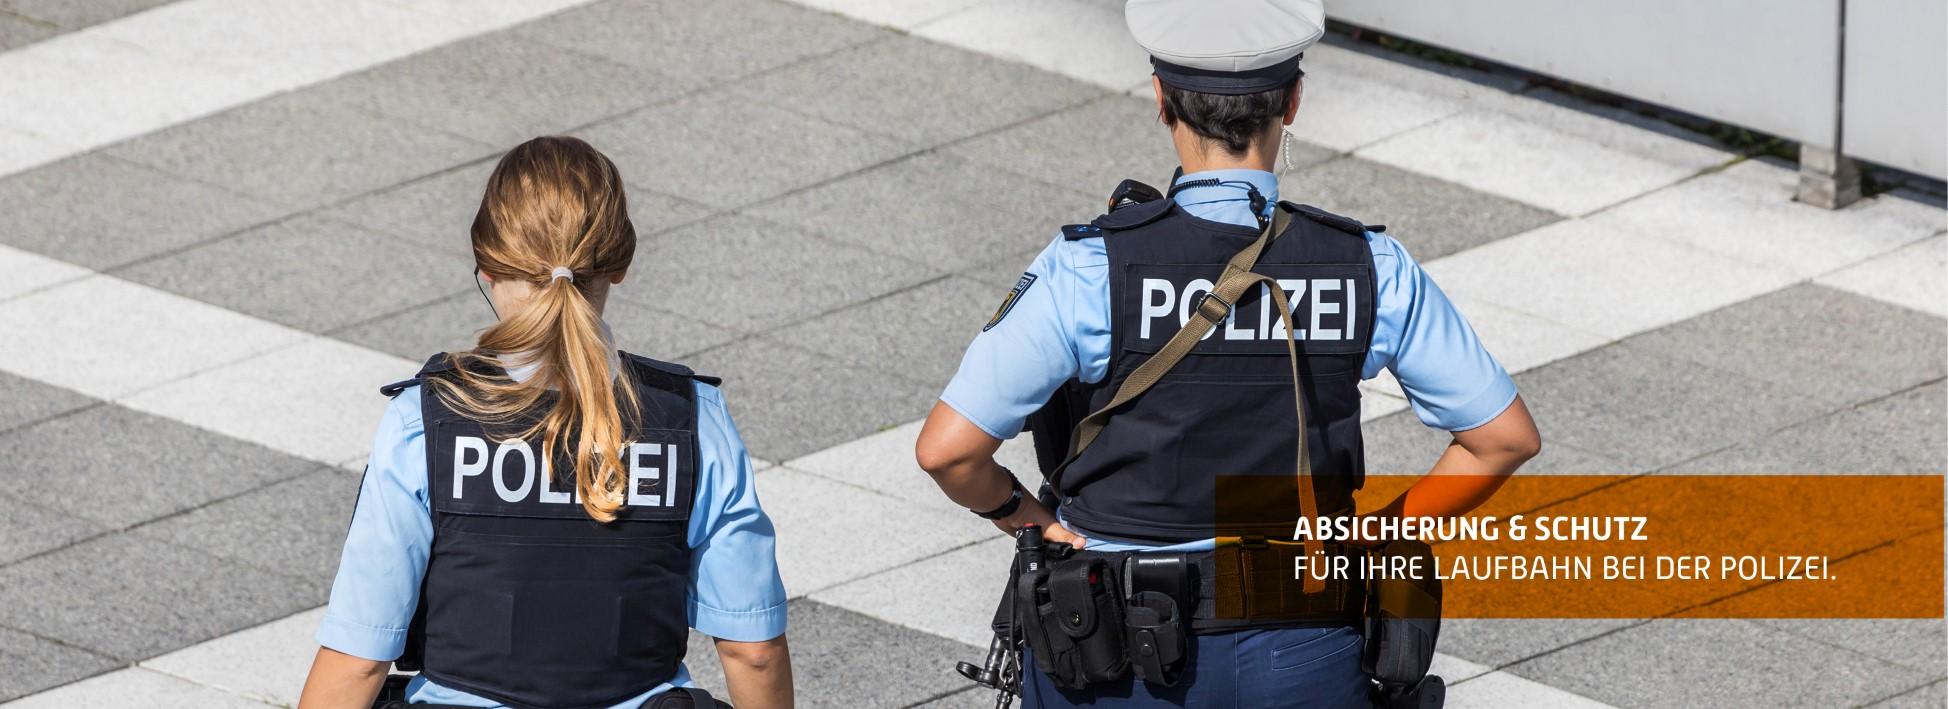 Header_Polizei_Wechsler